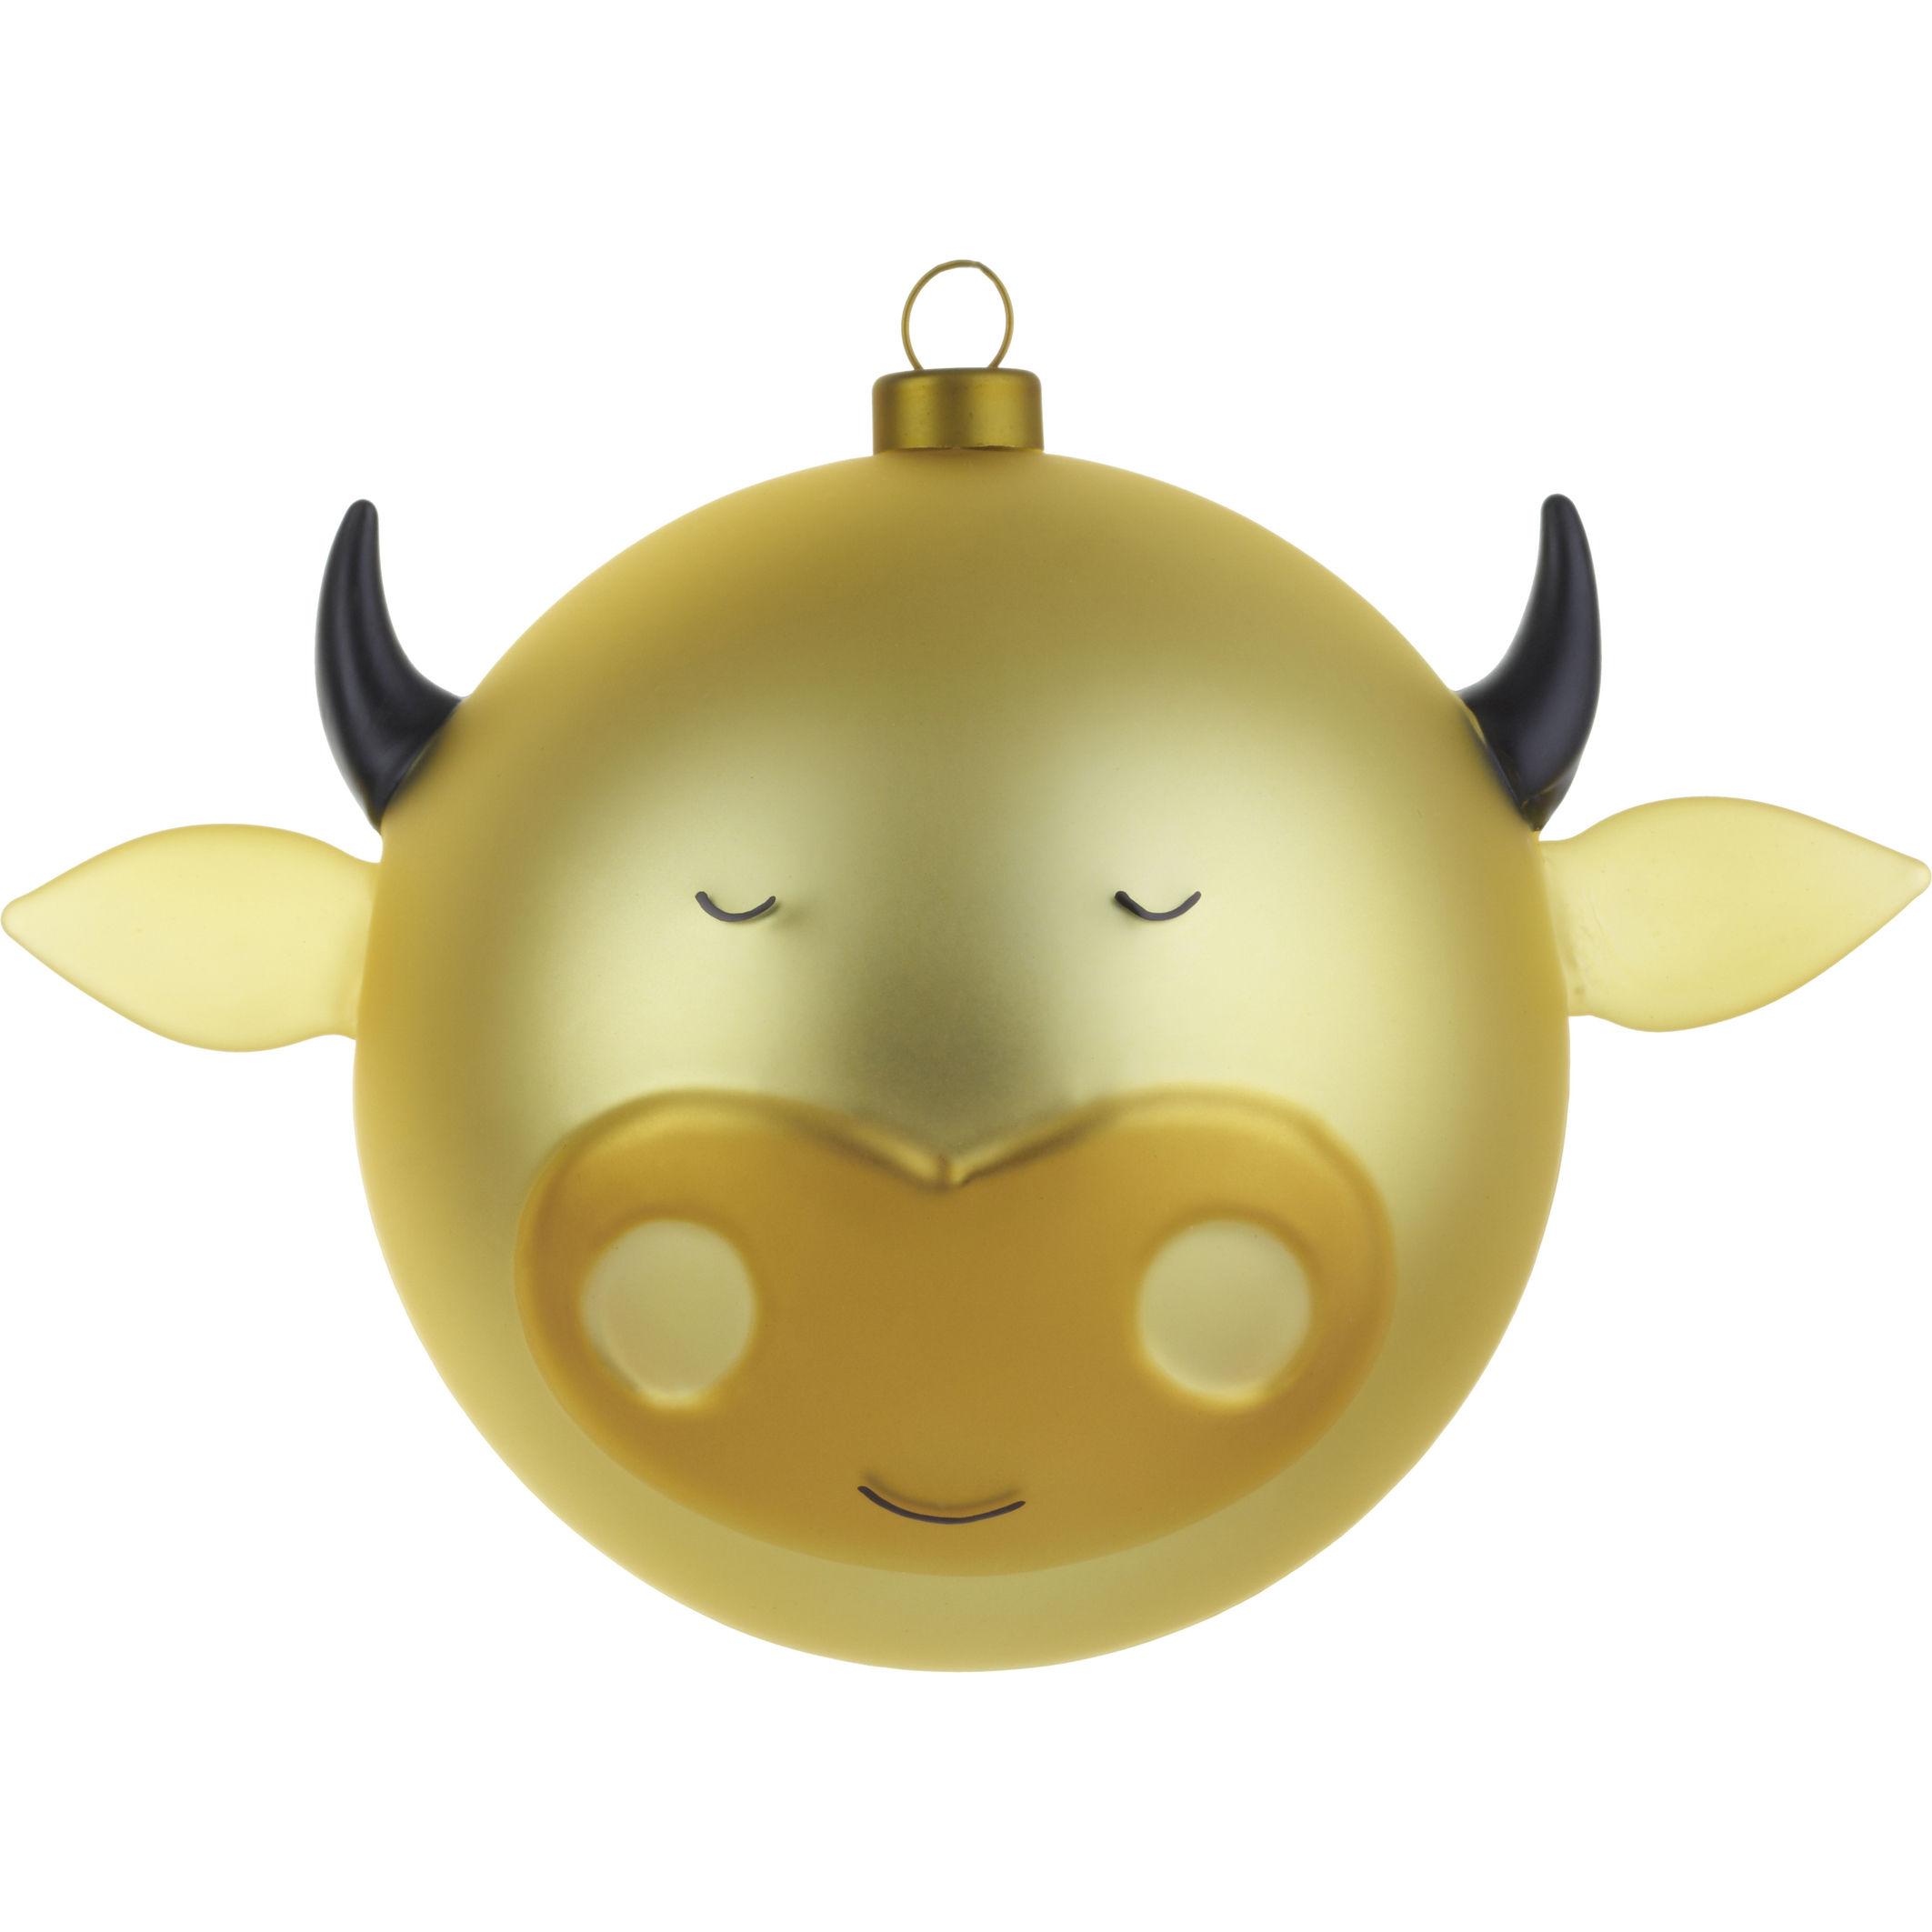 Dekoration - Dekorationsartikel - Bue Weihnachtskugel / Ochse - A di Alessi - Ochse - golden - mundgeblasenes Glas